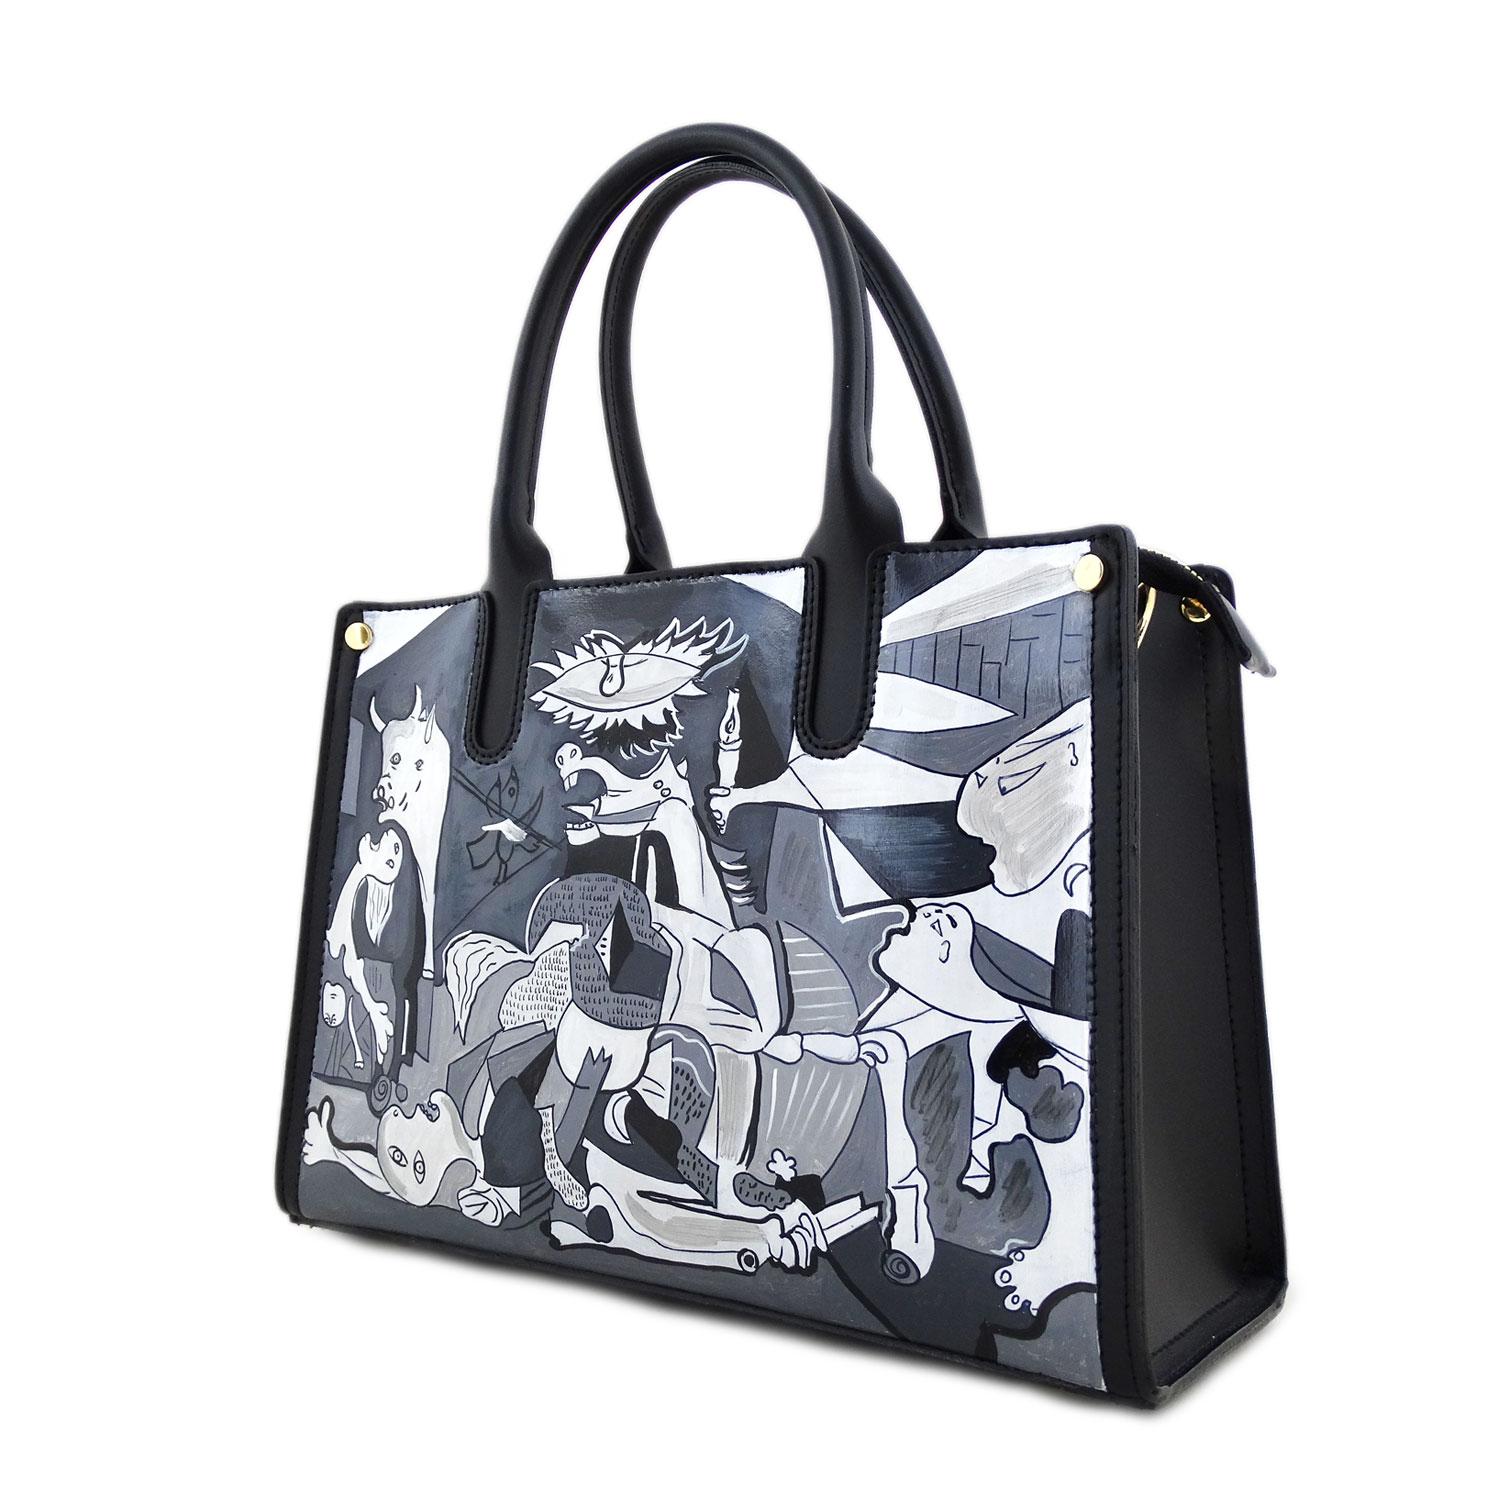 Borsa dipinta a mano - Guernica di Picasso